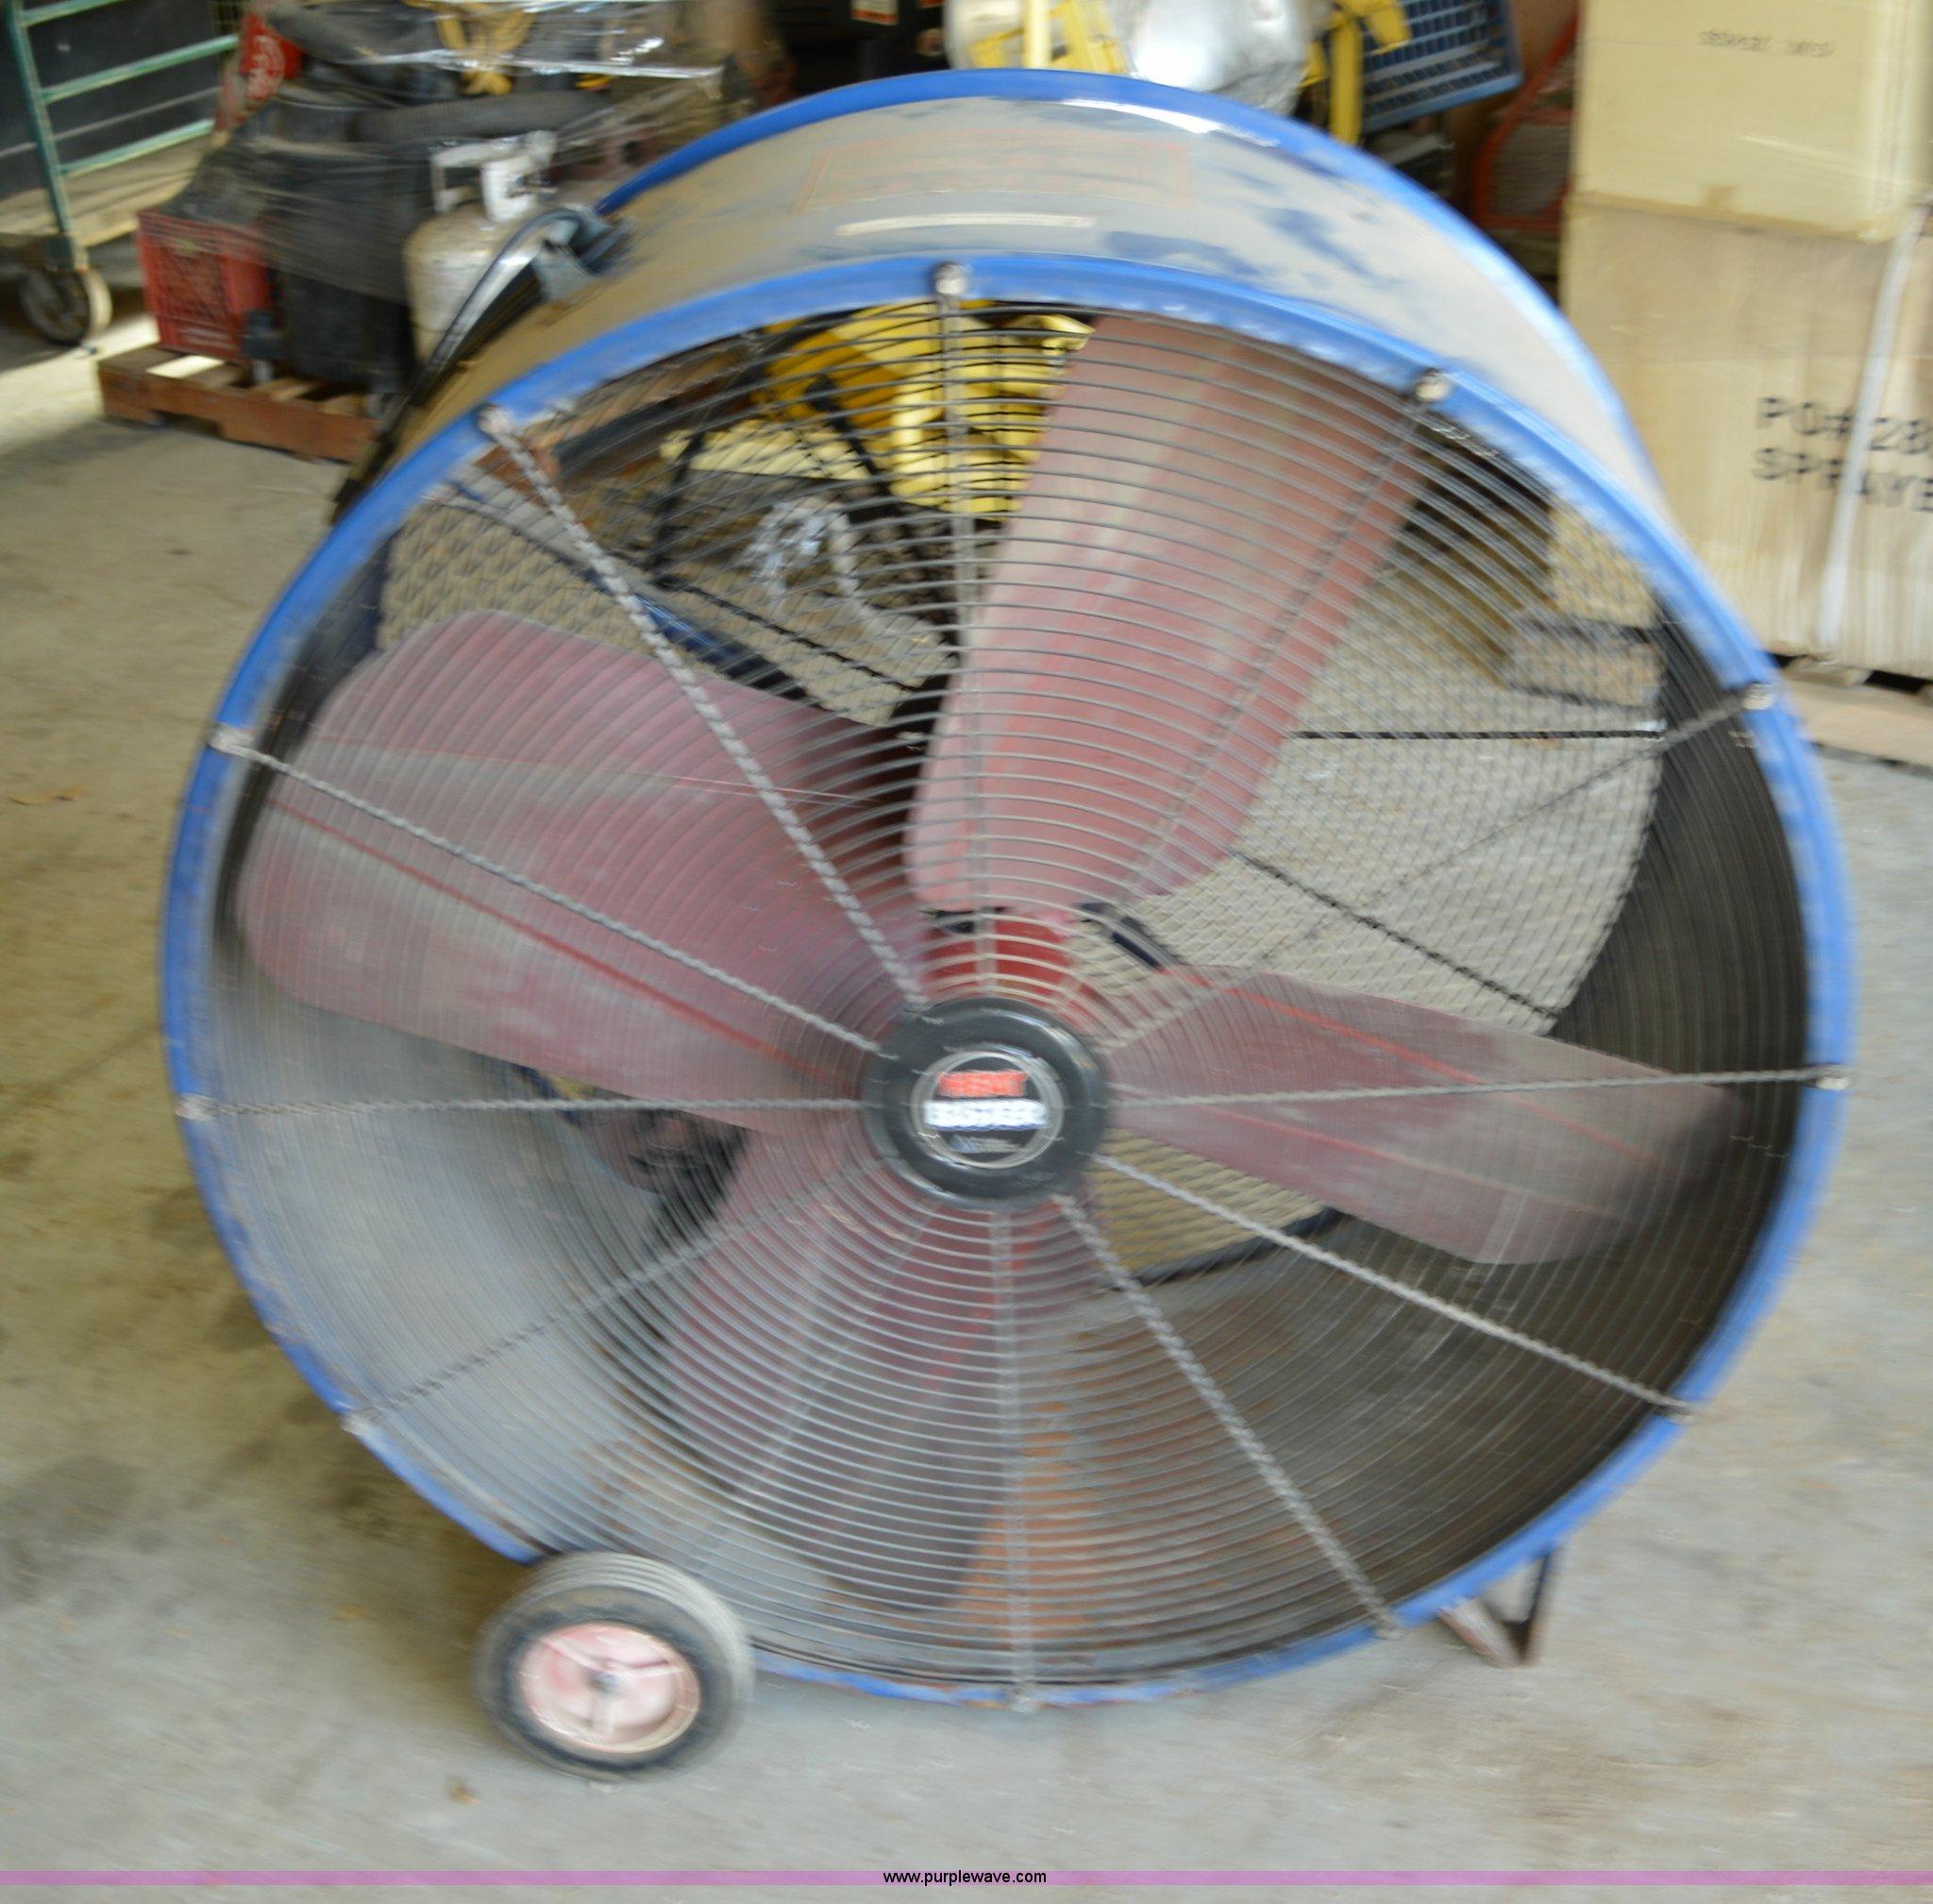 Heat Buster 42 Fan